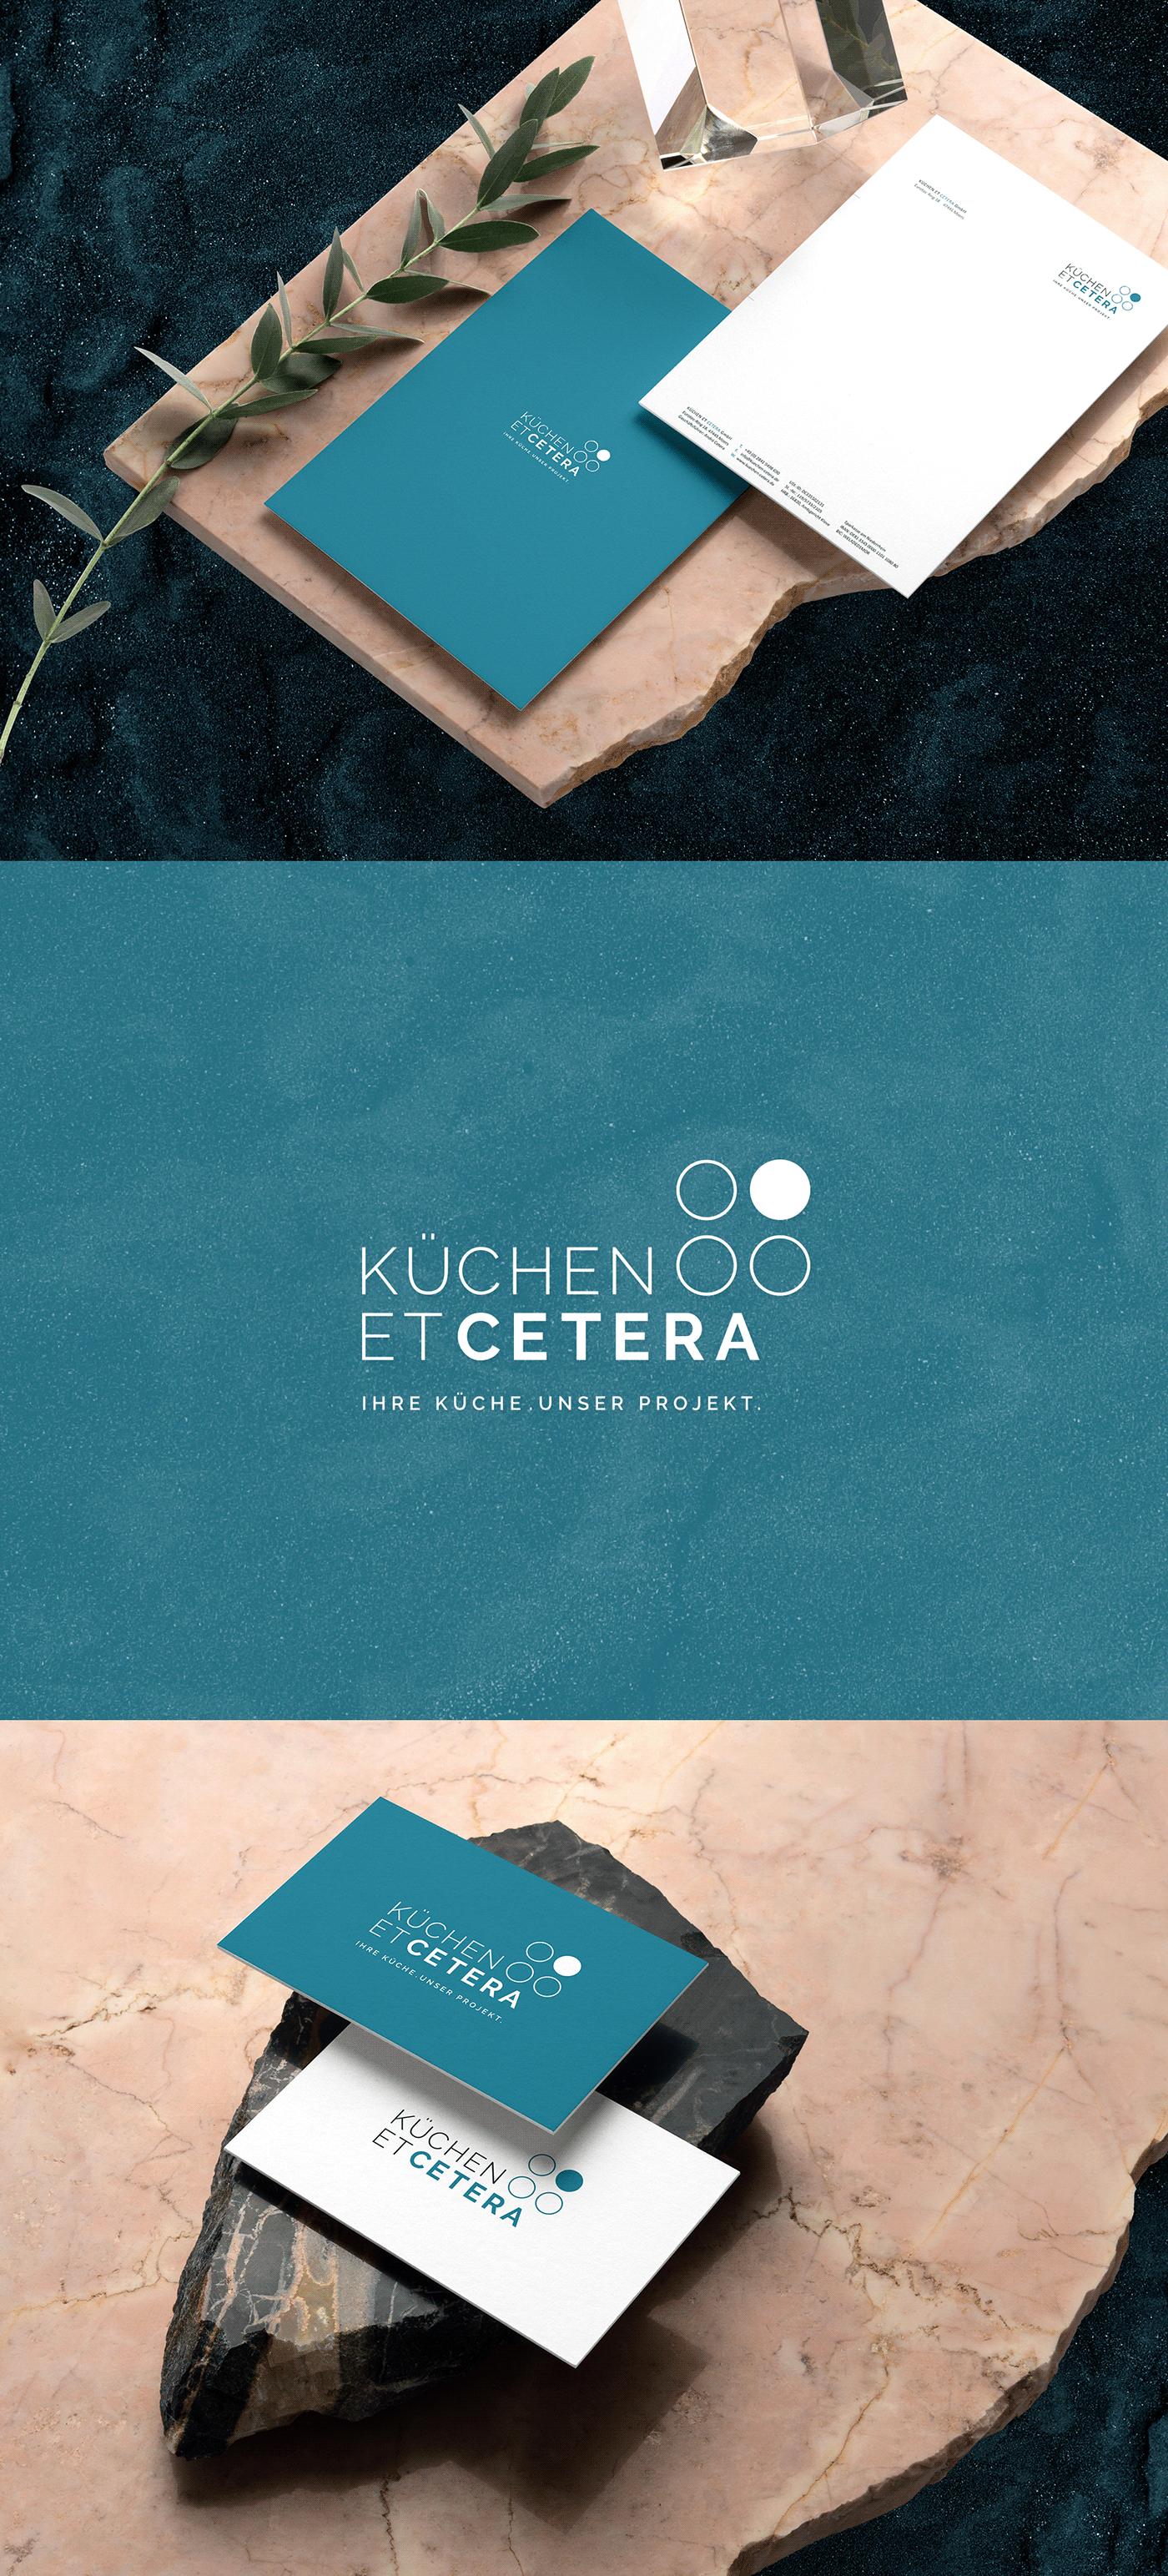 blue braddesign branding  Corporate Design Kirchen logo moderndesign